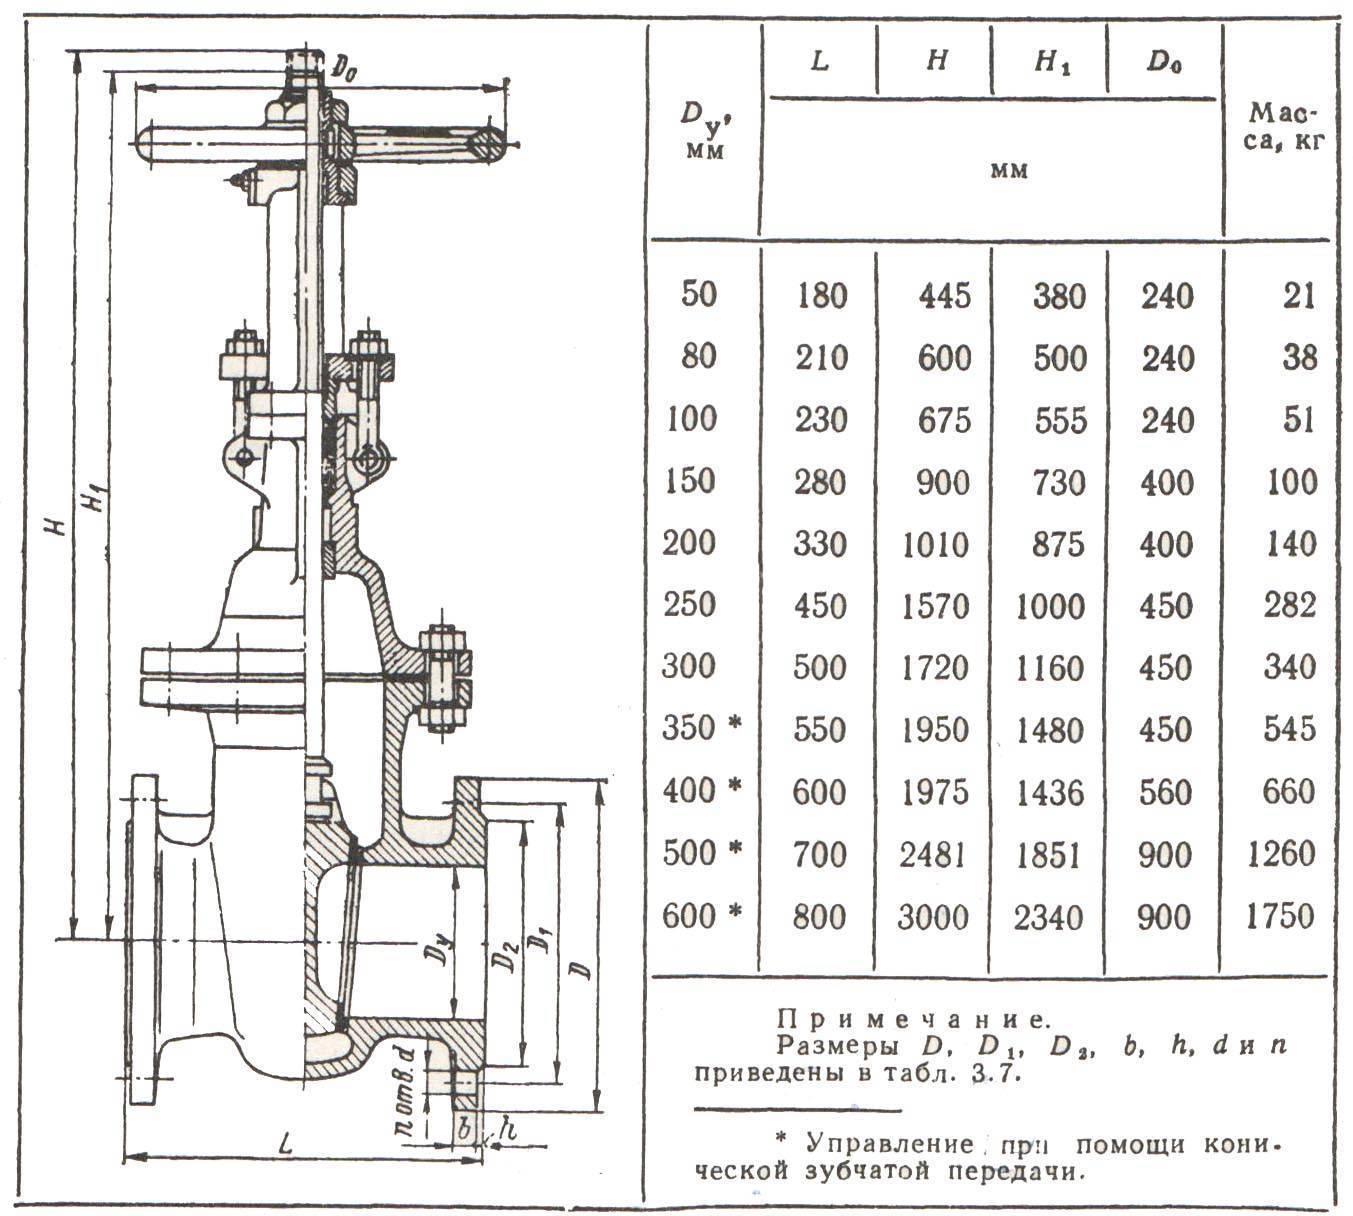 Затворы, задвижки, клапаны: различия и области применения